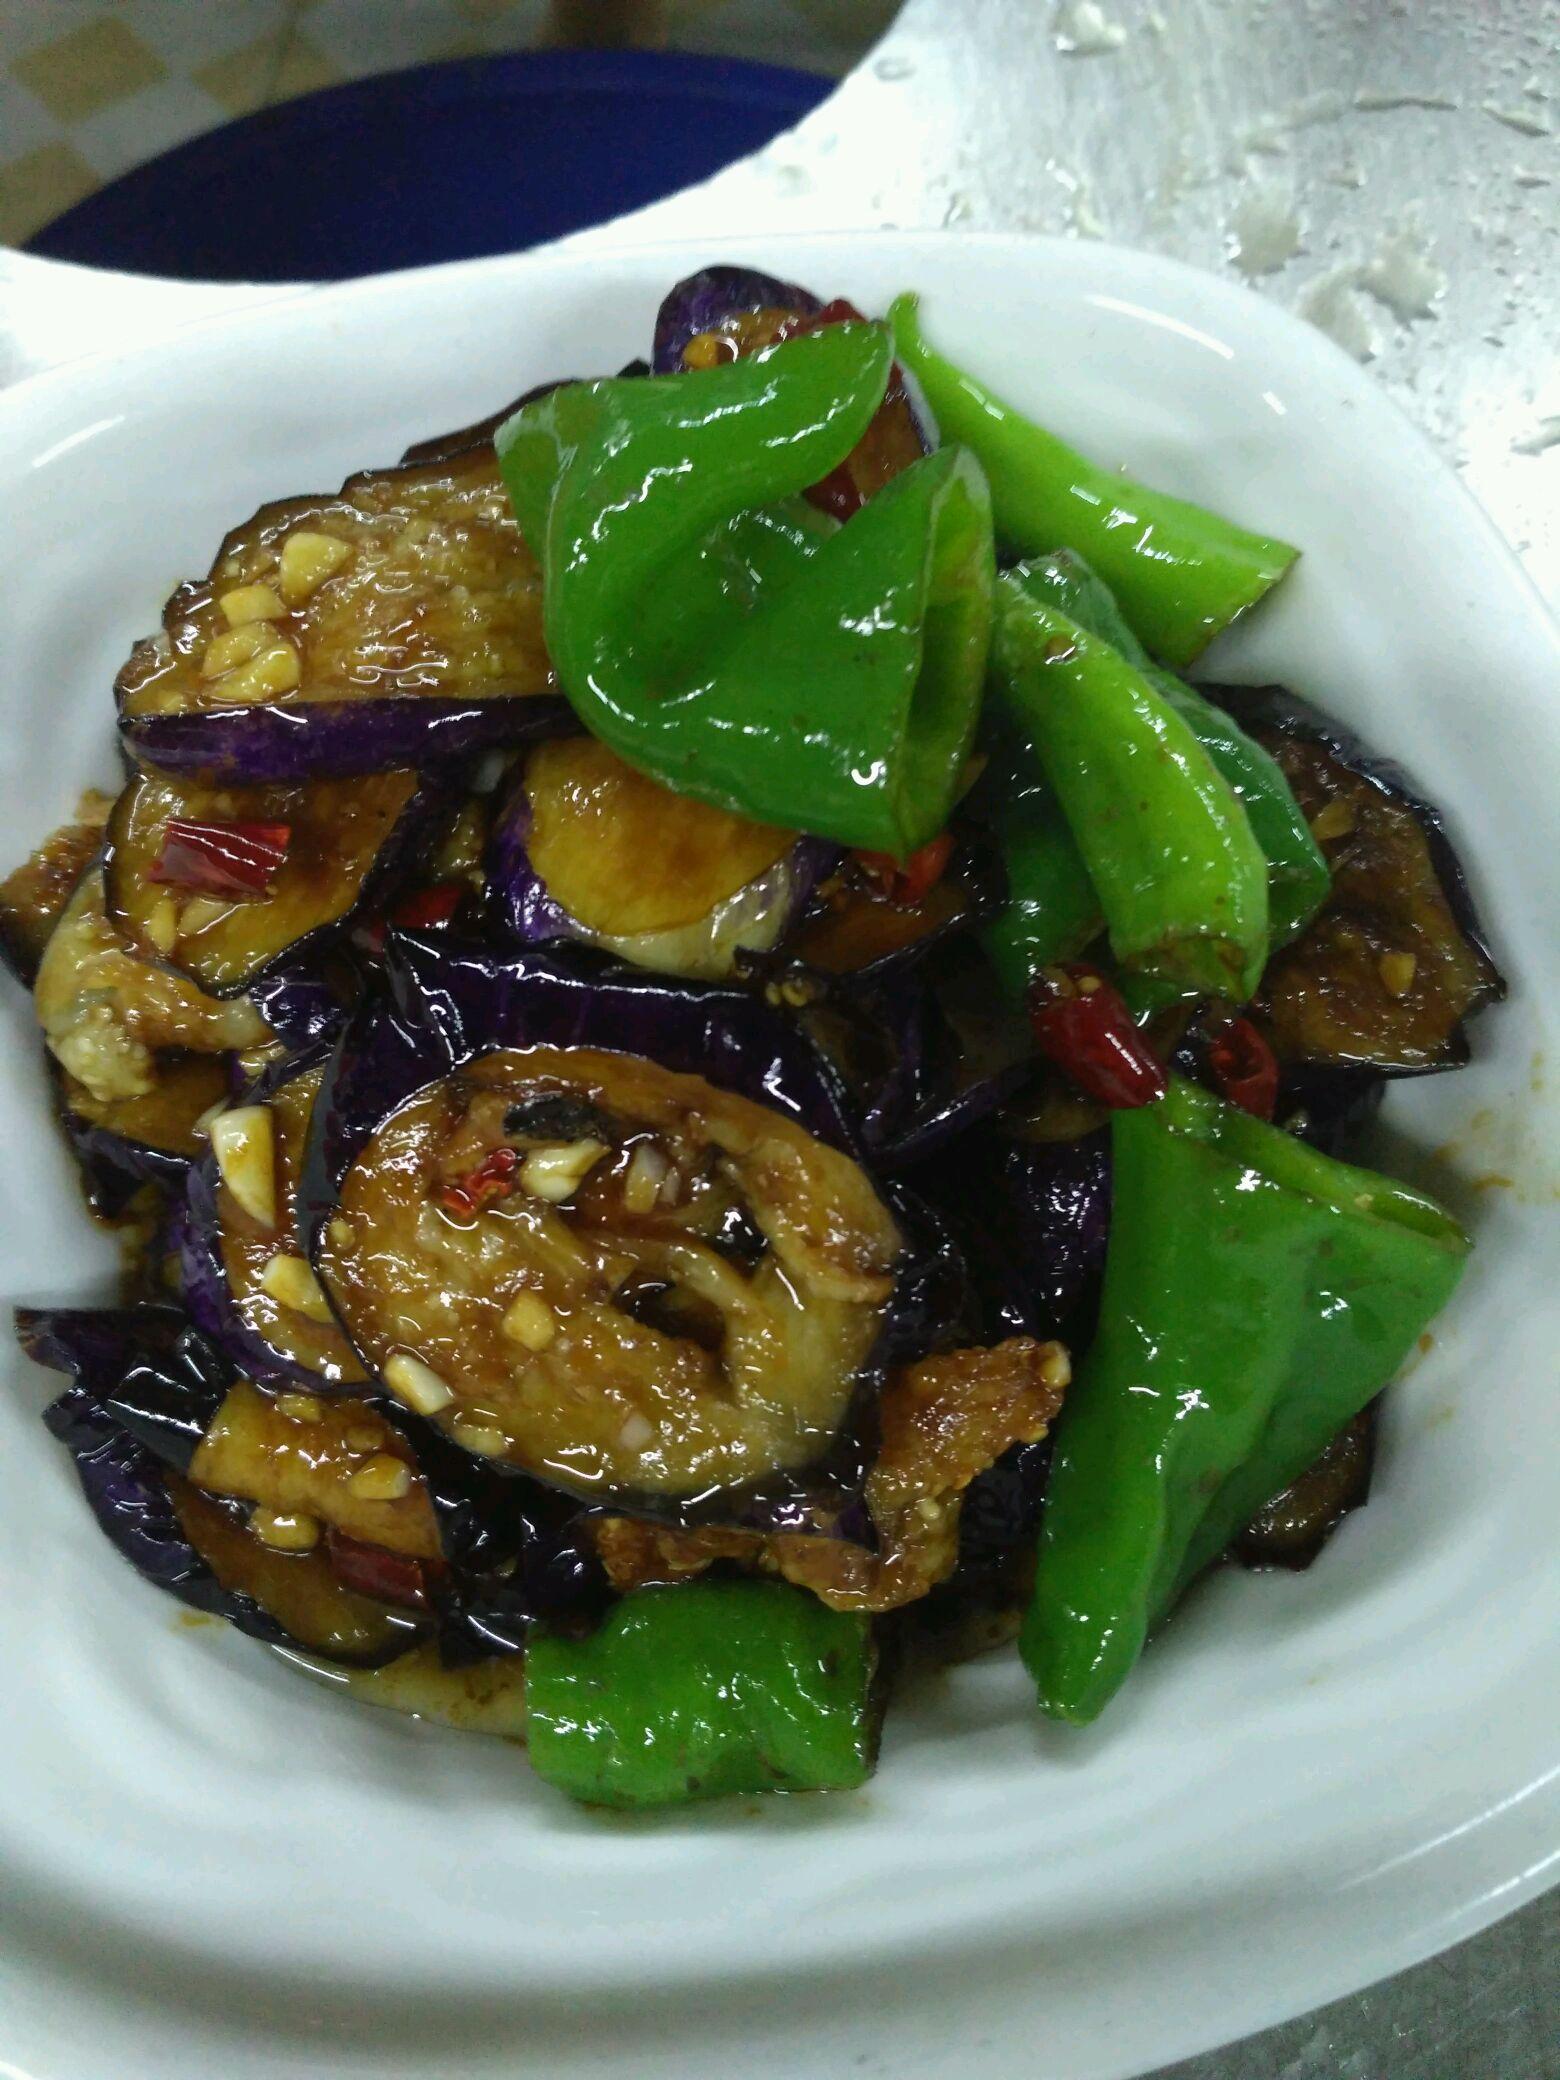 青椒爆茄子的做法_【圖解】青椒爆茄子怎么做如何做好吃_青椒爆茄子家常做法大全_食再_豆果美食